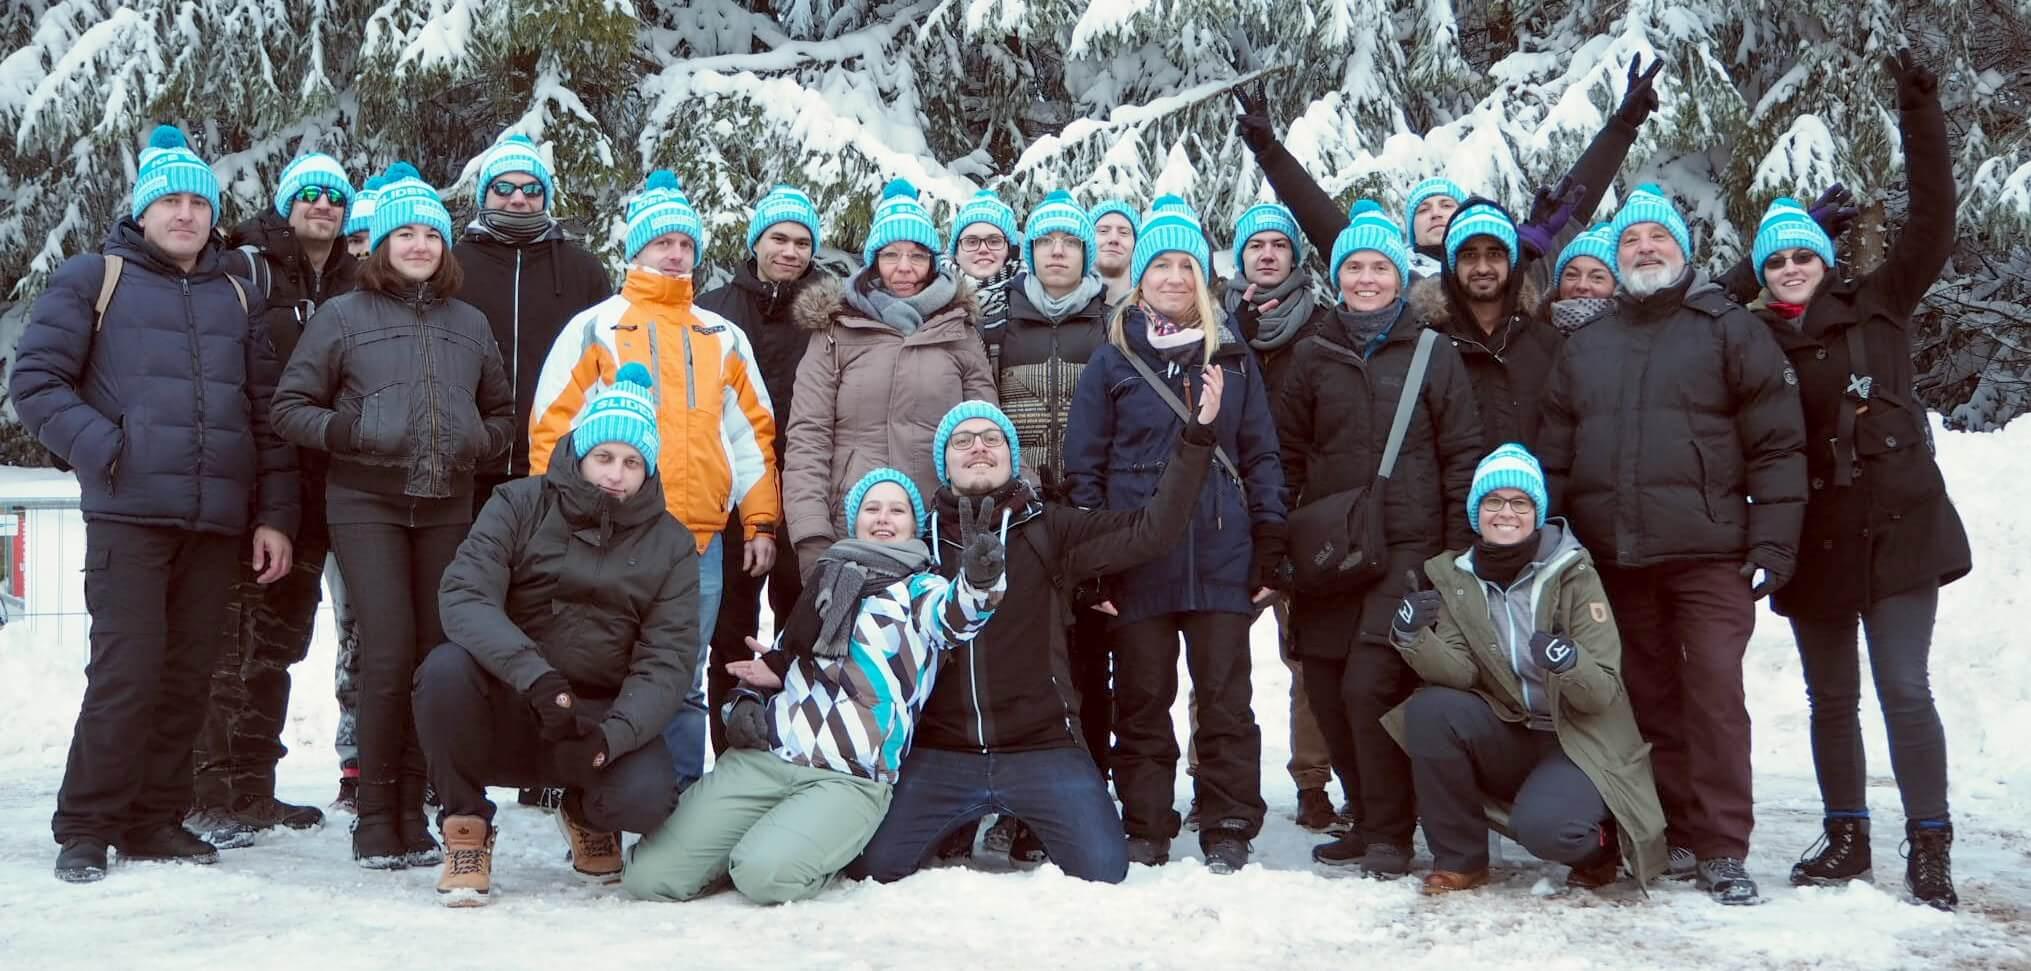 Team Erlebnisgastronomie mit Pudelmützen